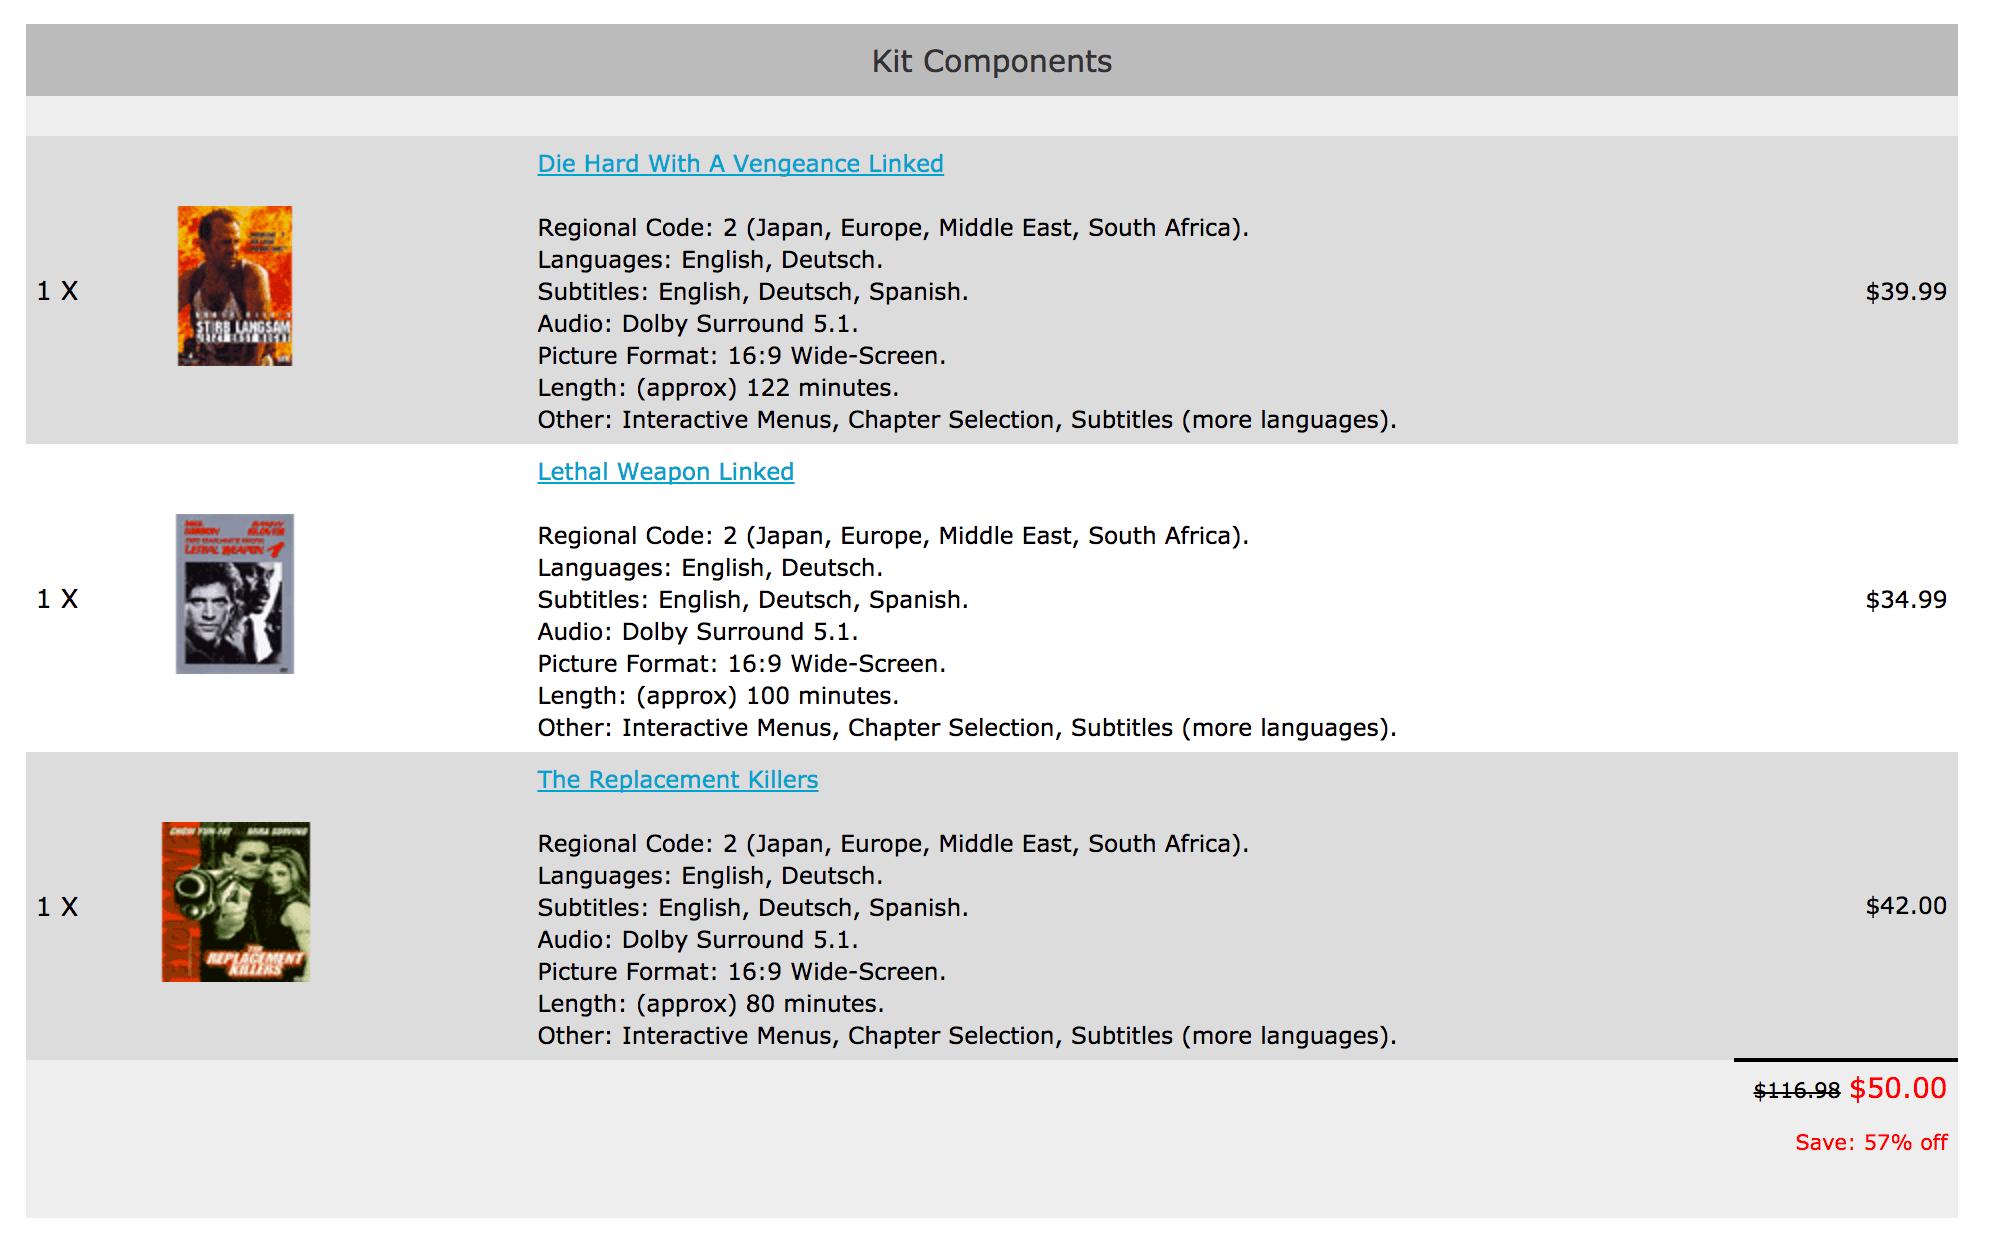 Zen Cart Kitbuilder Product Info Page